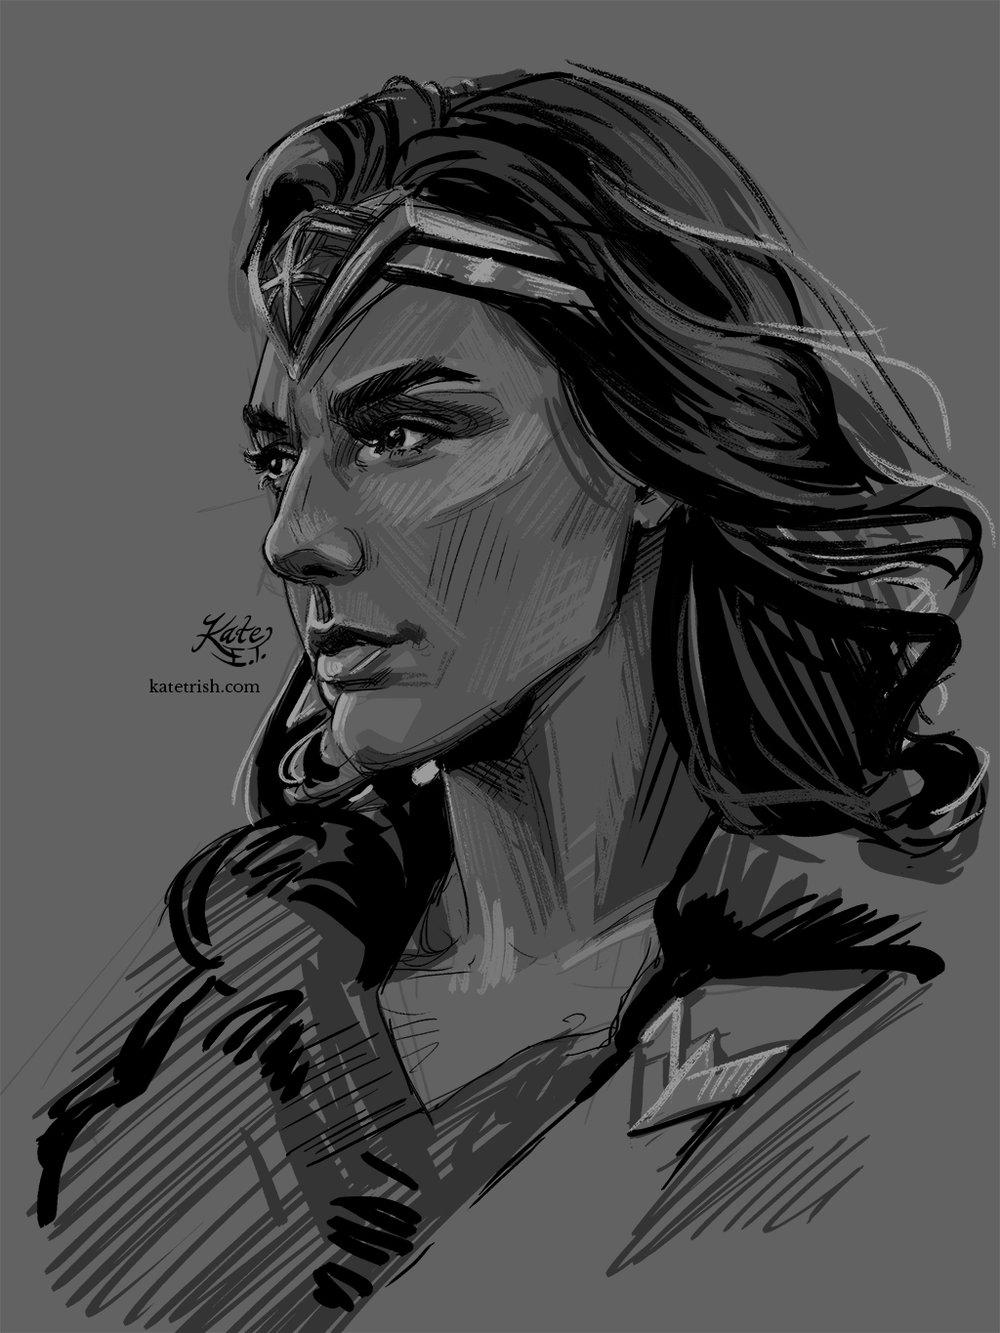 Gal Gadot as Wonder Woman (Wonder Woman, film)